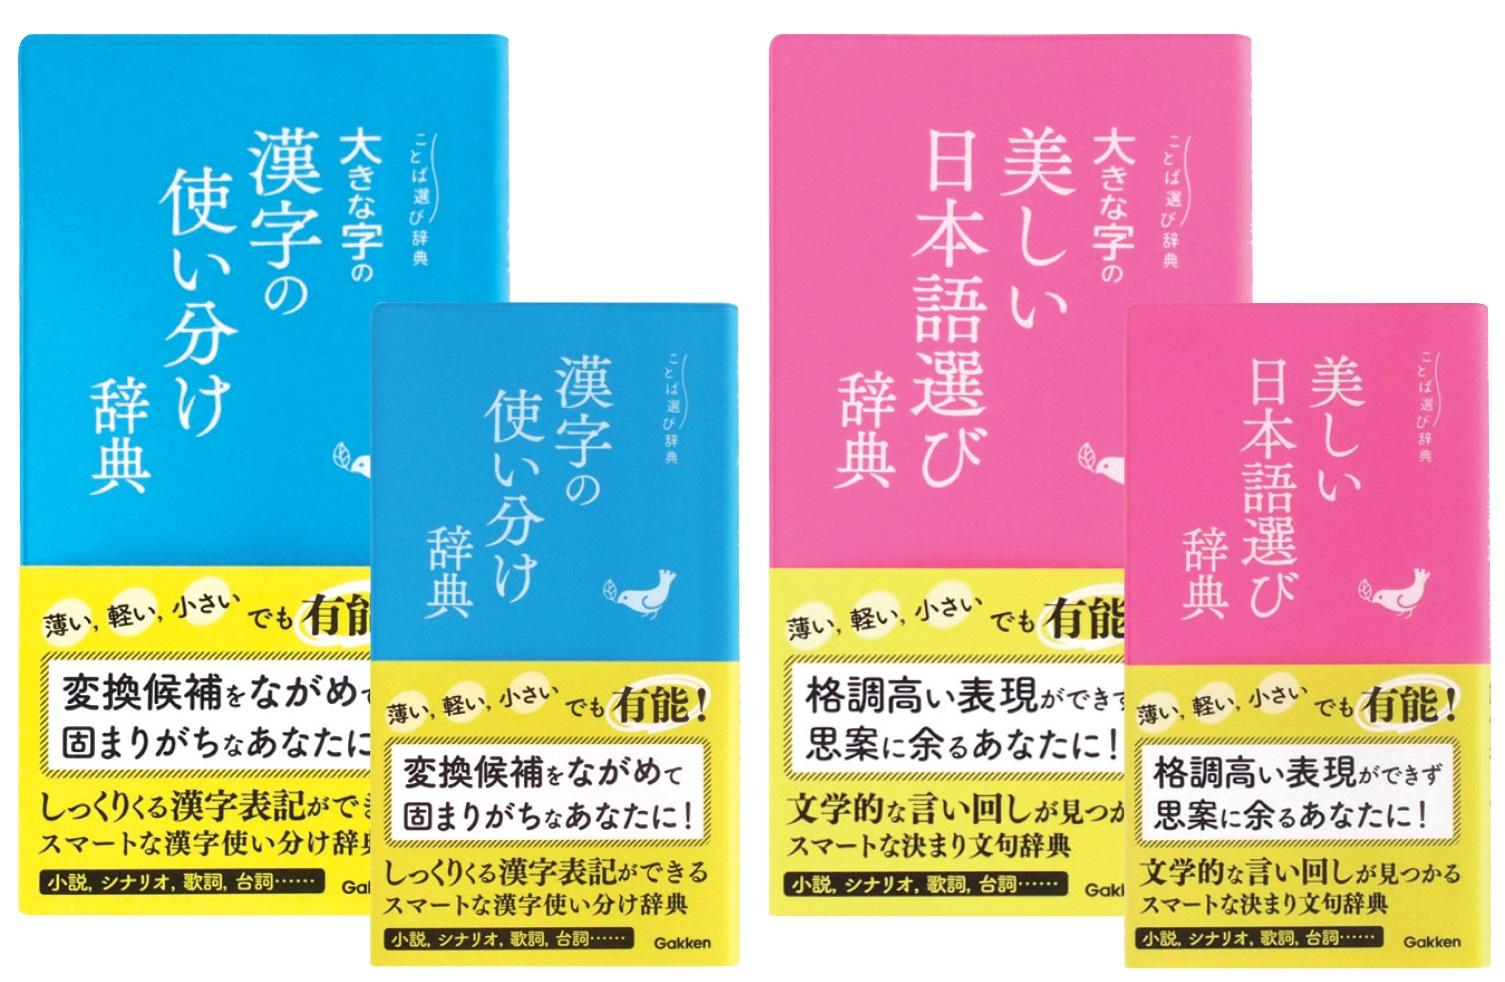 『美しい日本語選び辞典』『漢字の使い分け辞典』